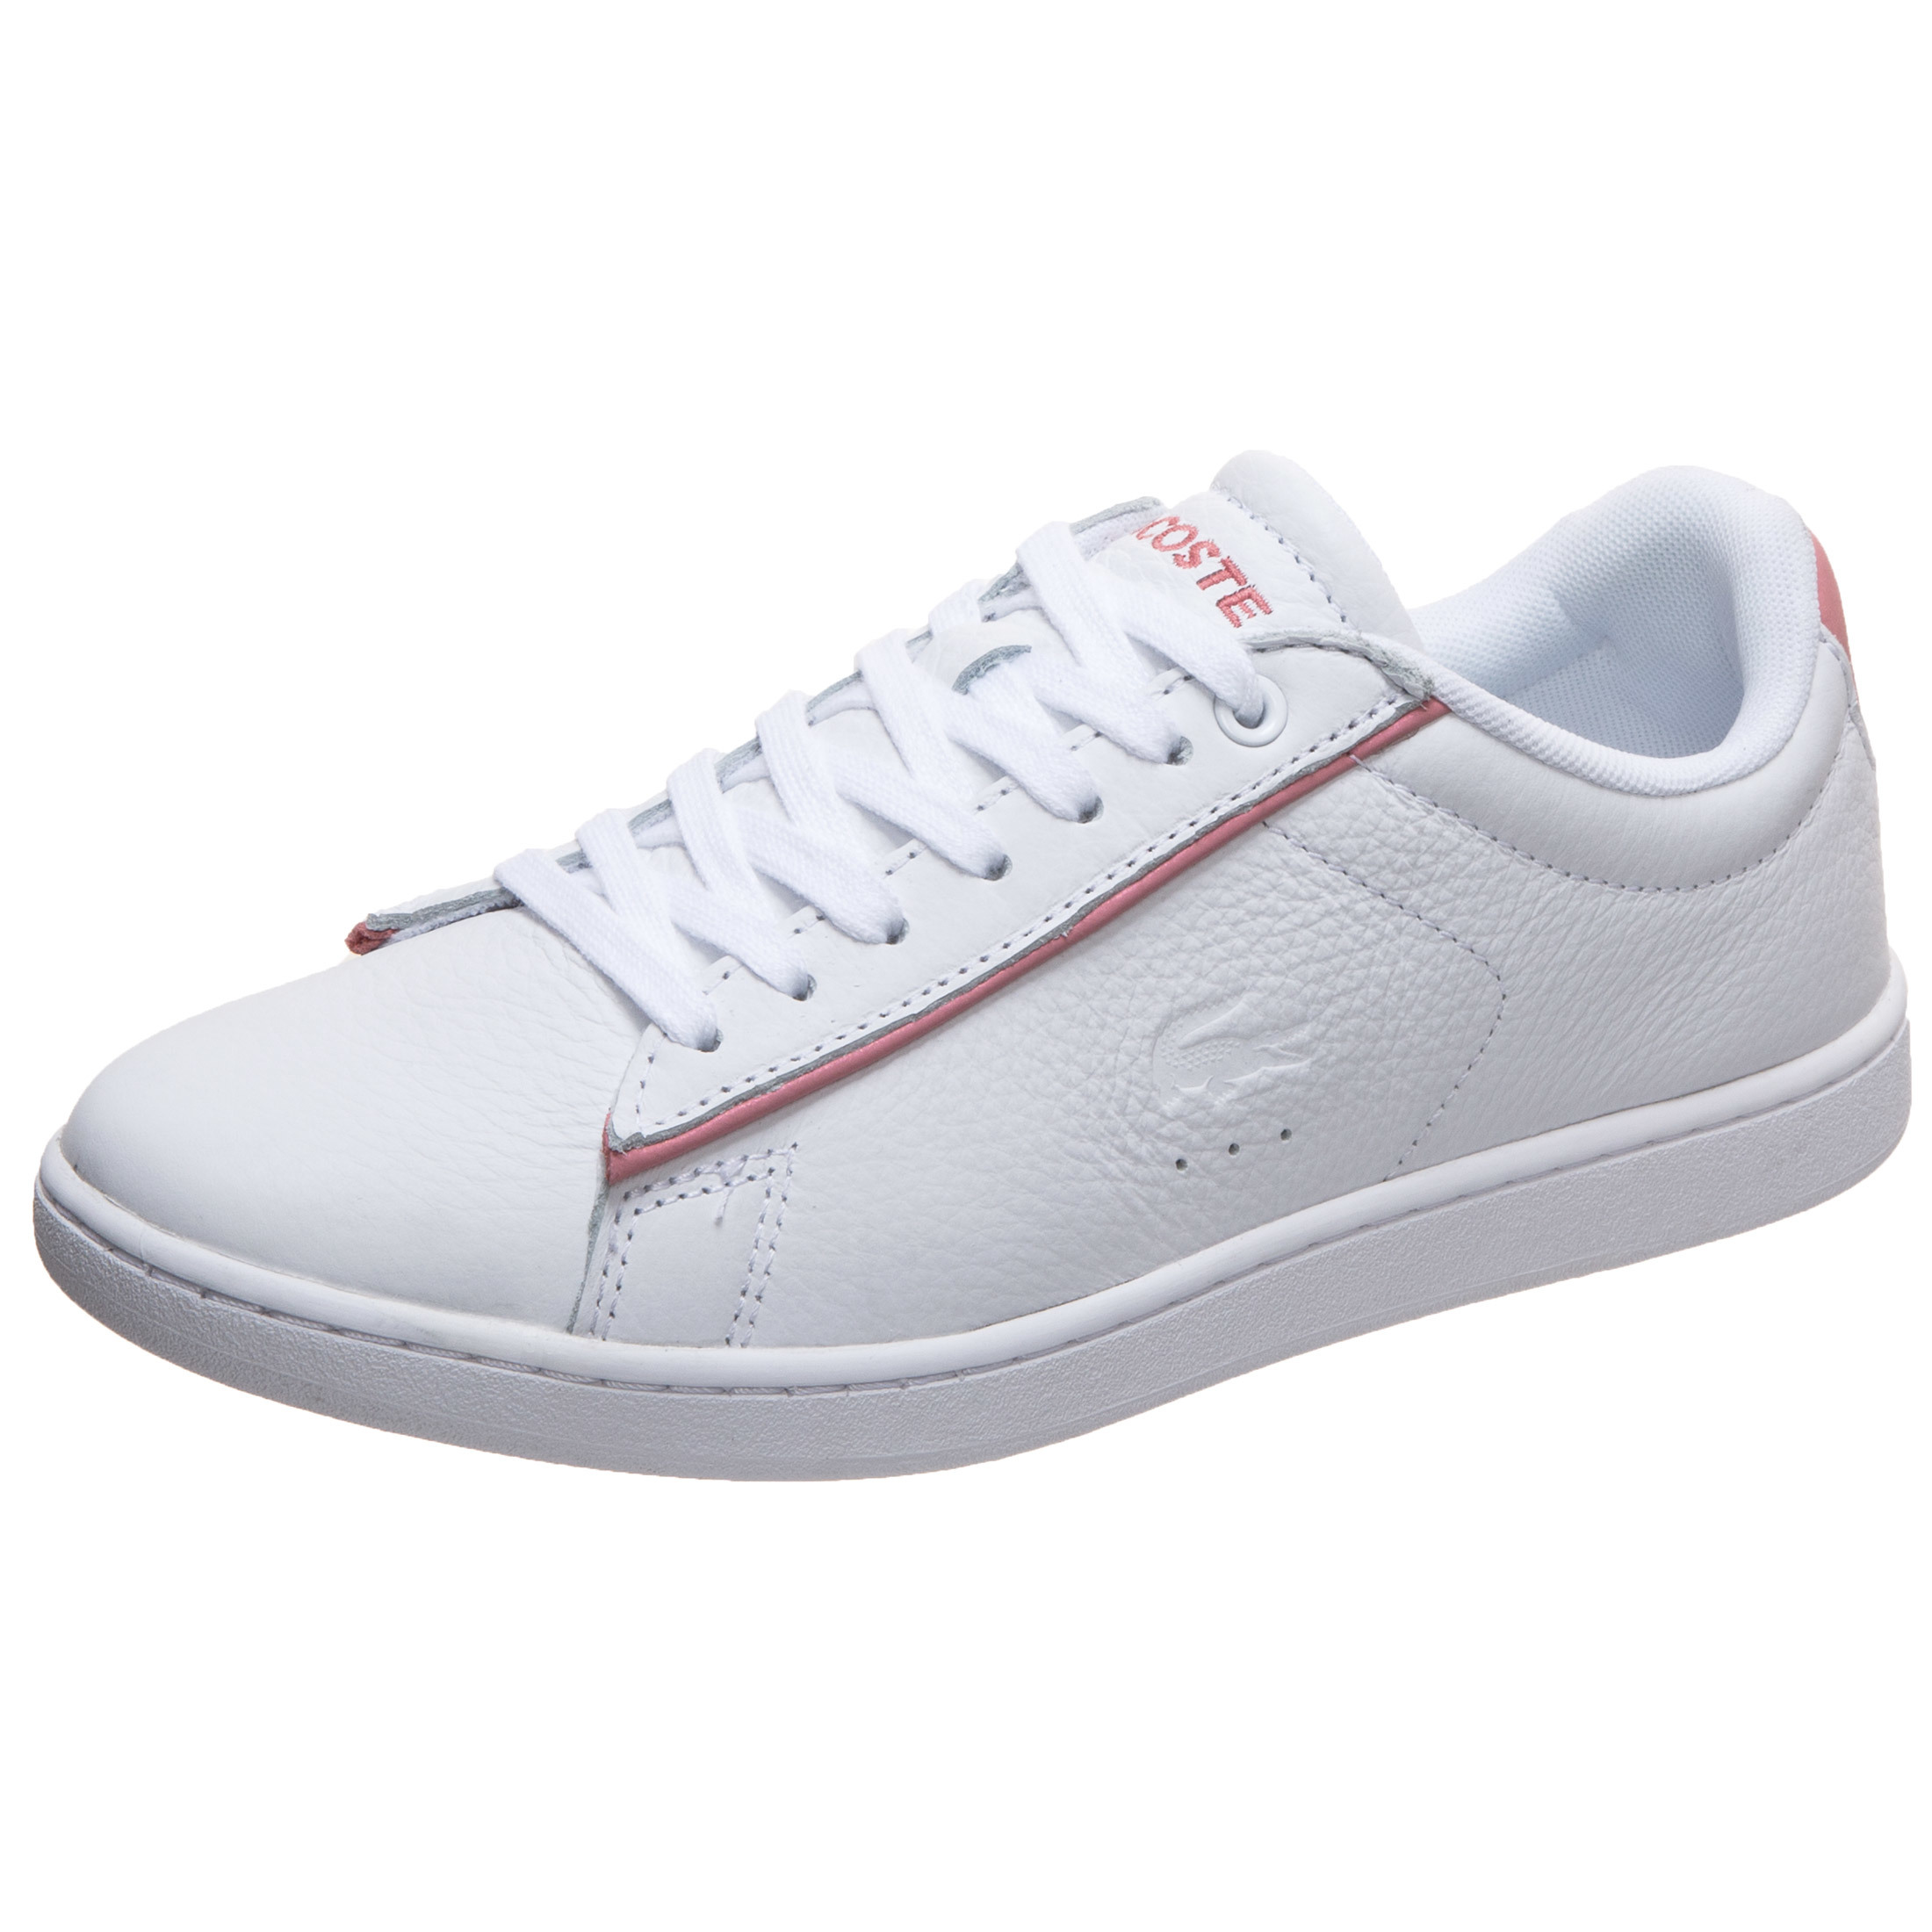 Lacoste Carnaby Evo 319 Sneaker Damen